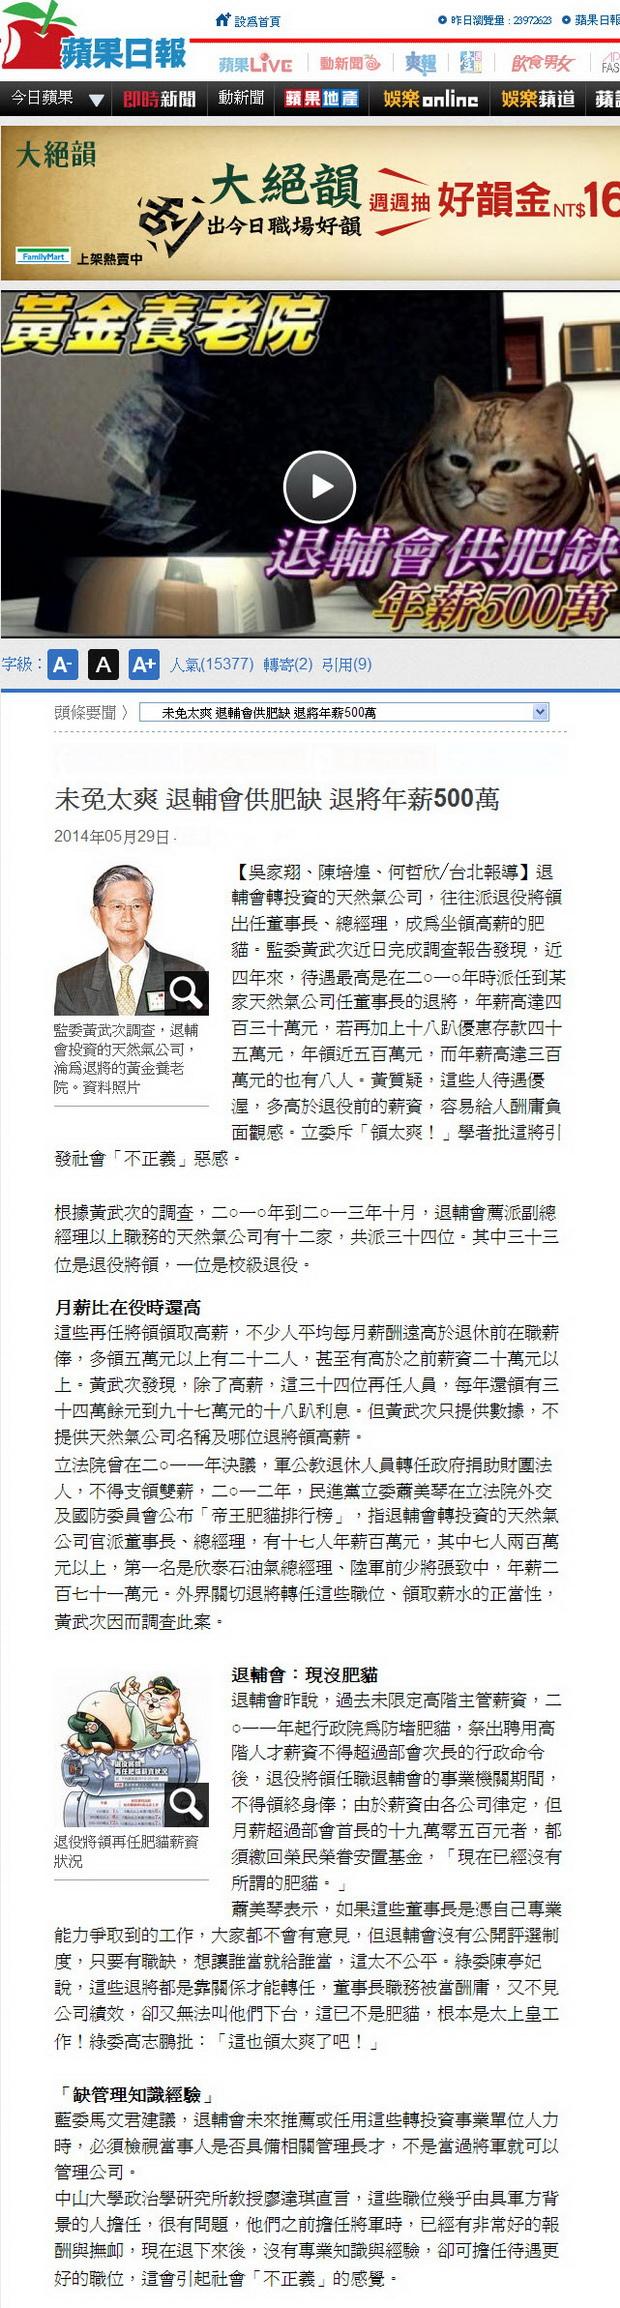 未免太爽 退輔會供肥缺 退將年薪500萬-2014.05.29.jpg